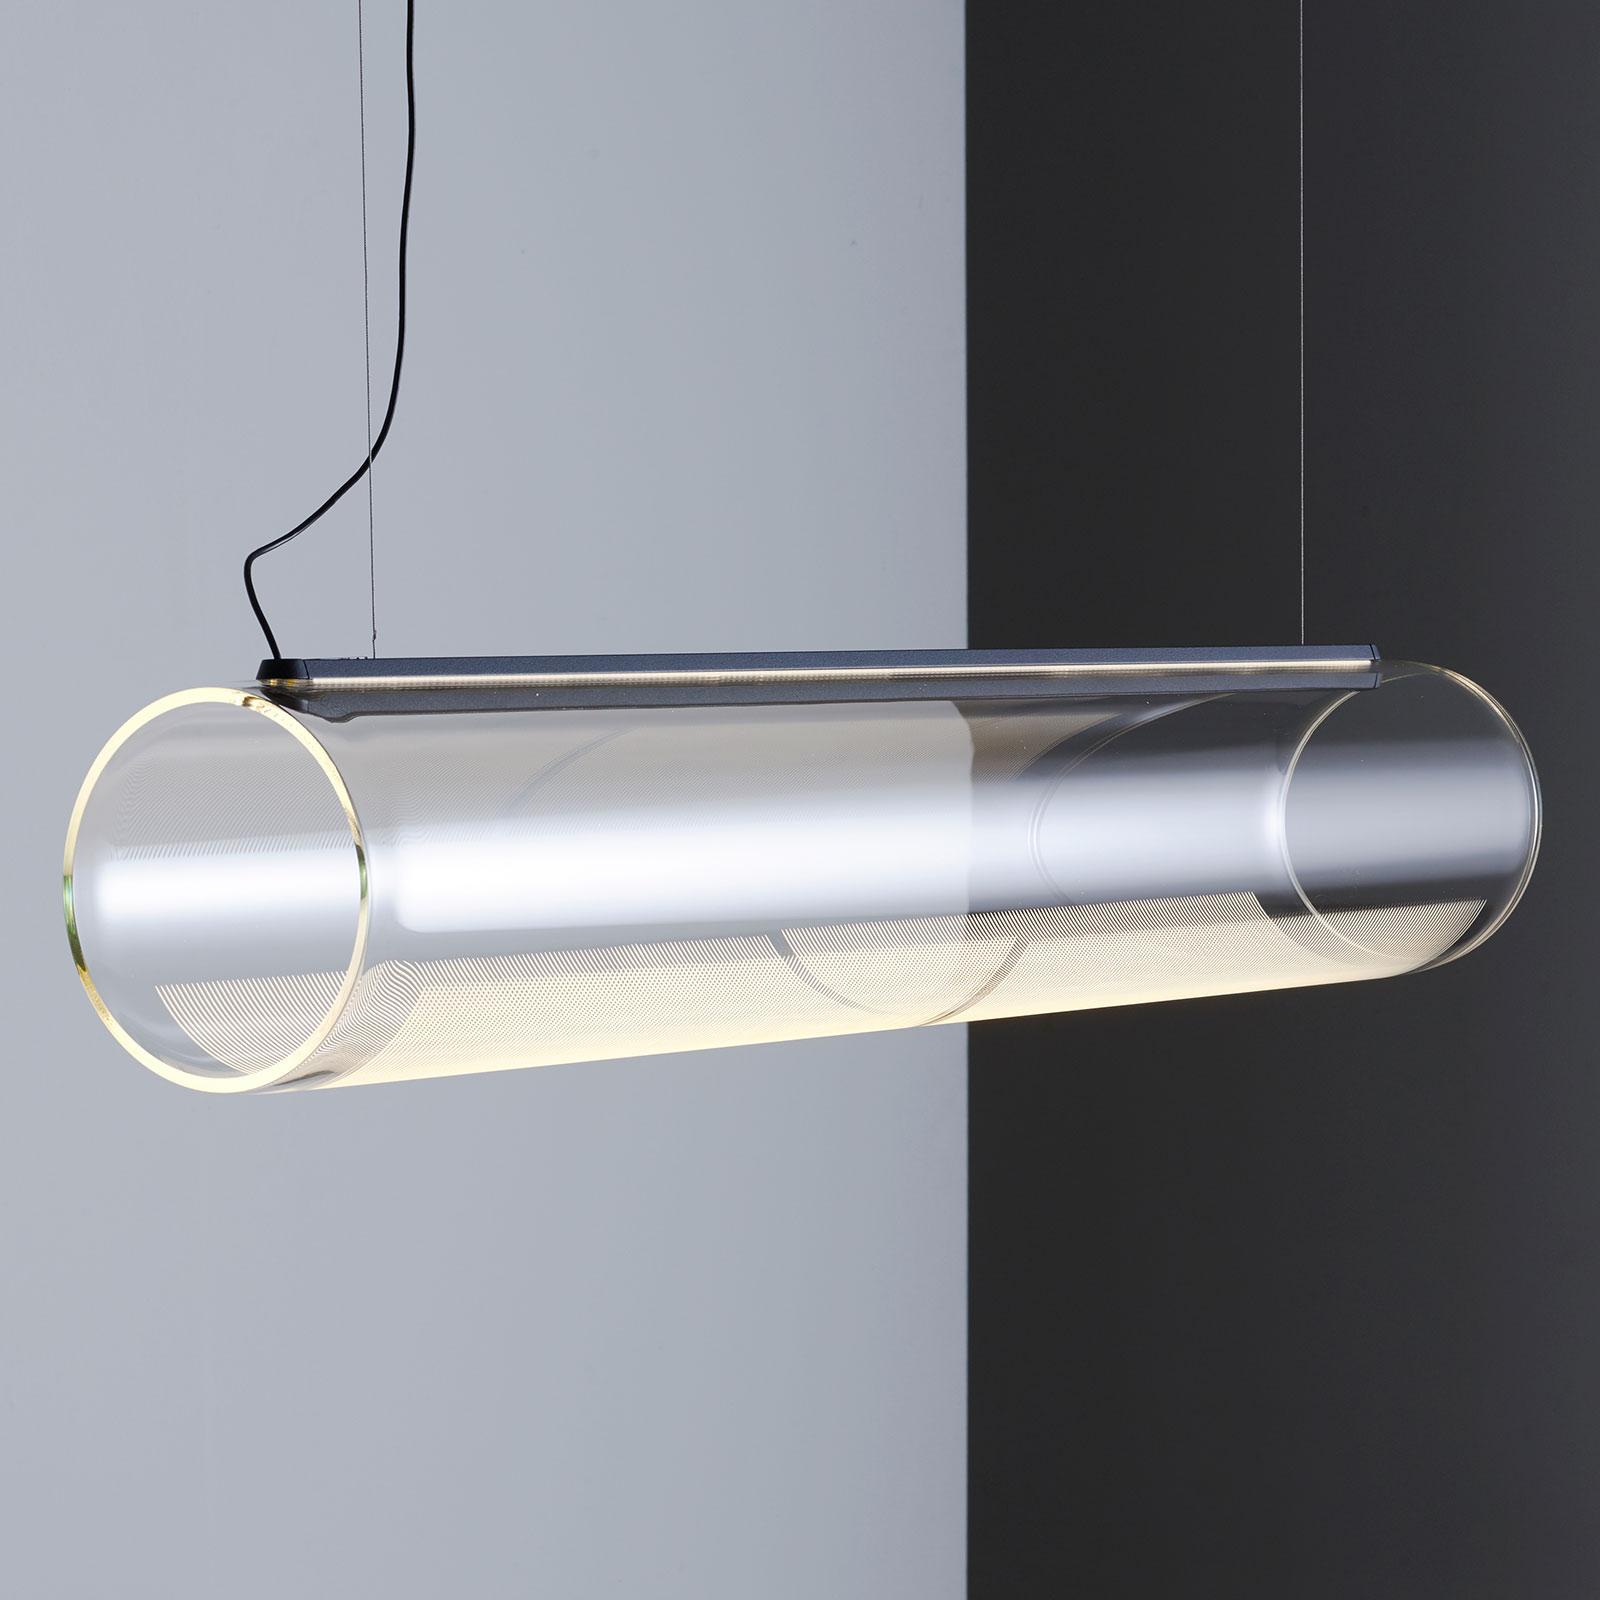 Vibia Guise 2277 LED-riippuvalaisin, pituus 89 cm